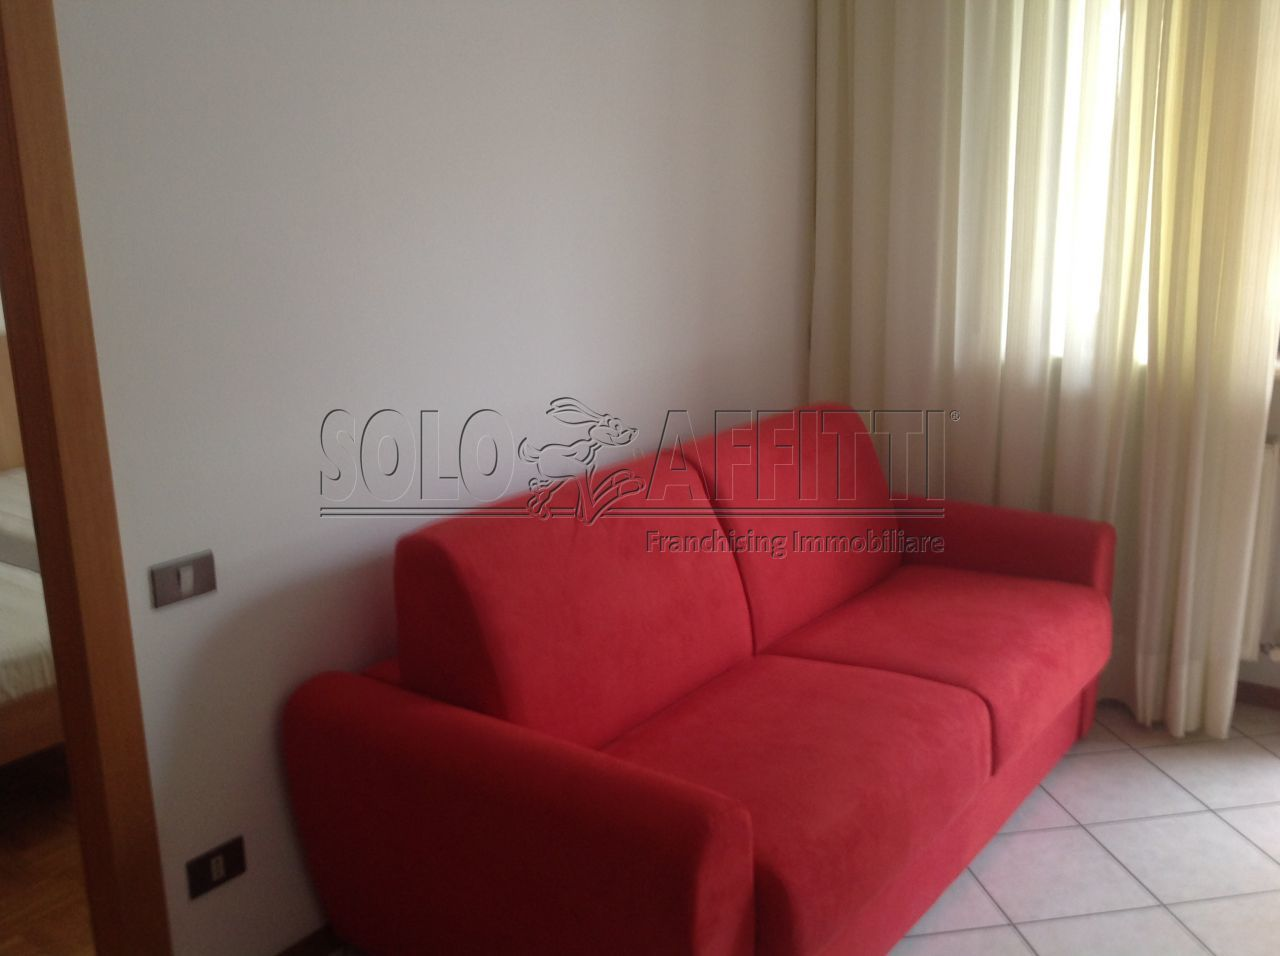 Bilocale Trento Via Guardini 24 7